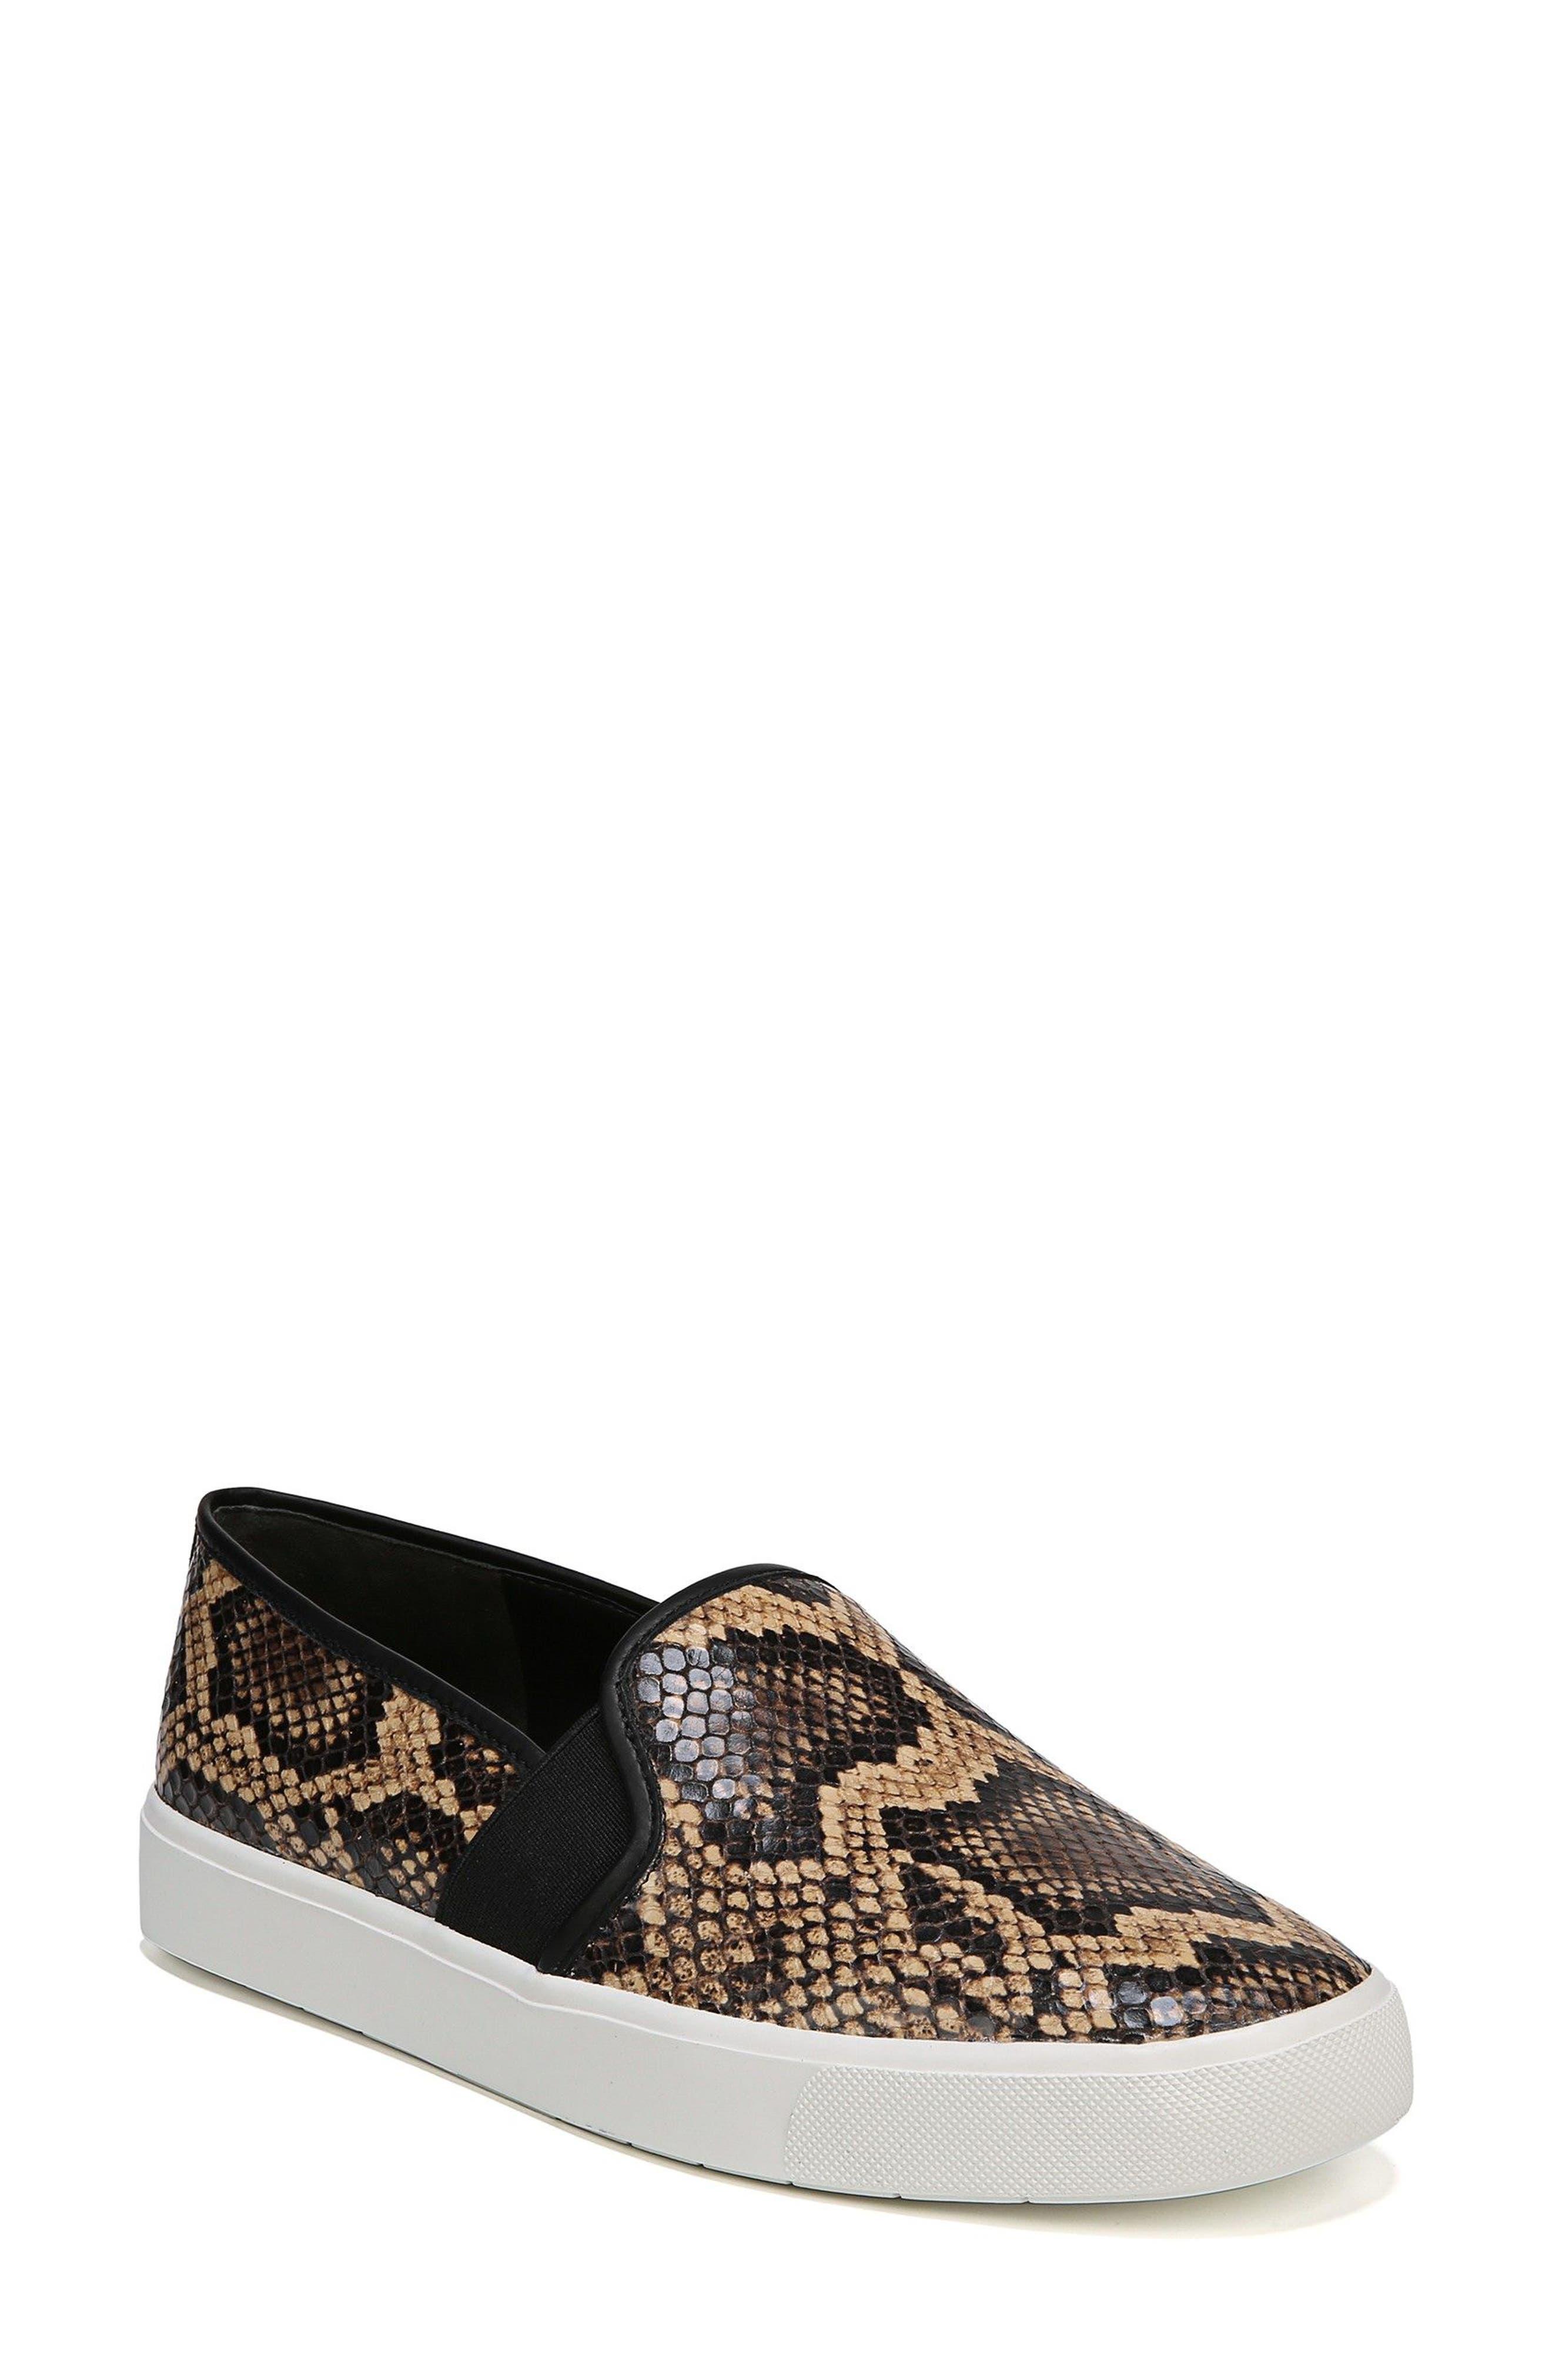 Blair 5 Slip-On Sneaker, Main, color, SENEGAL SNAKE PRINT